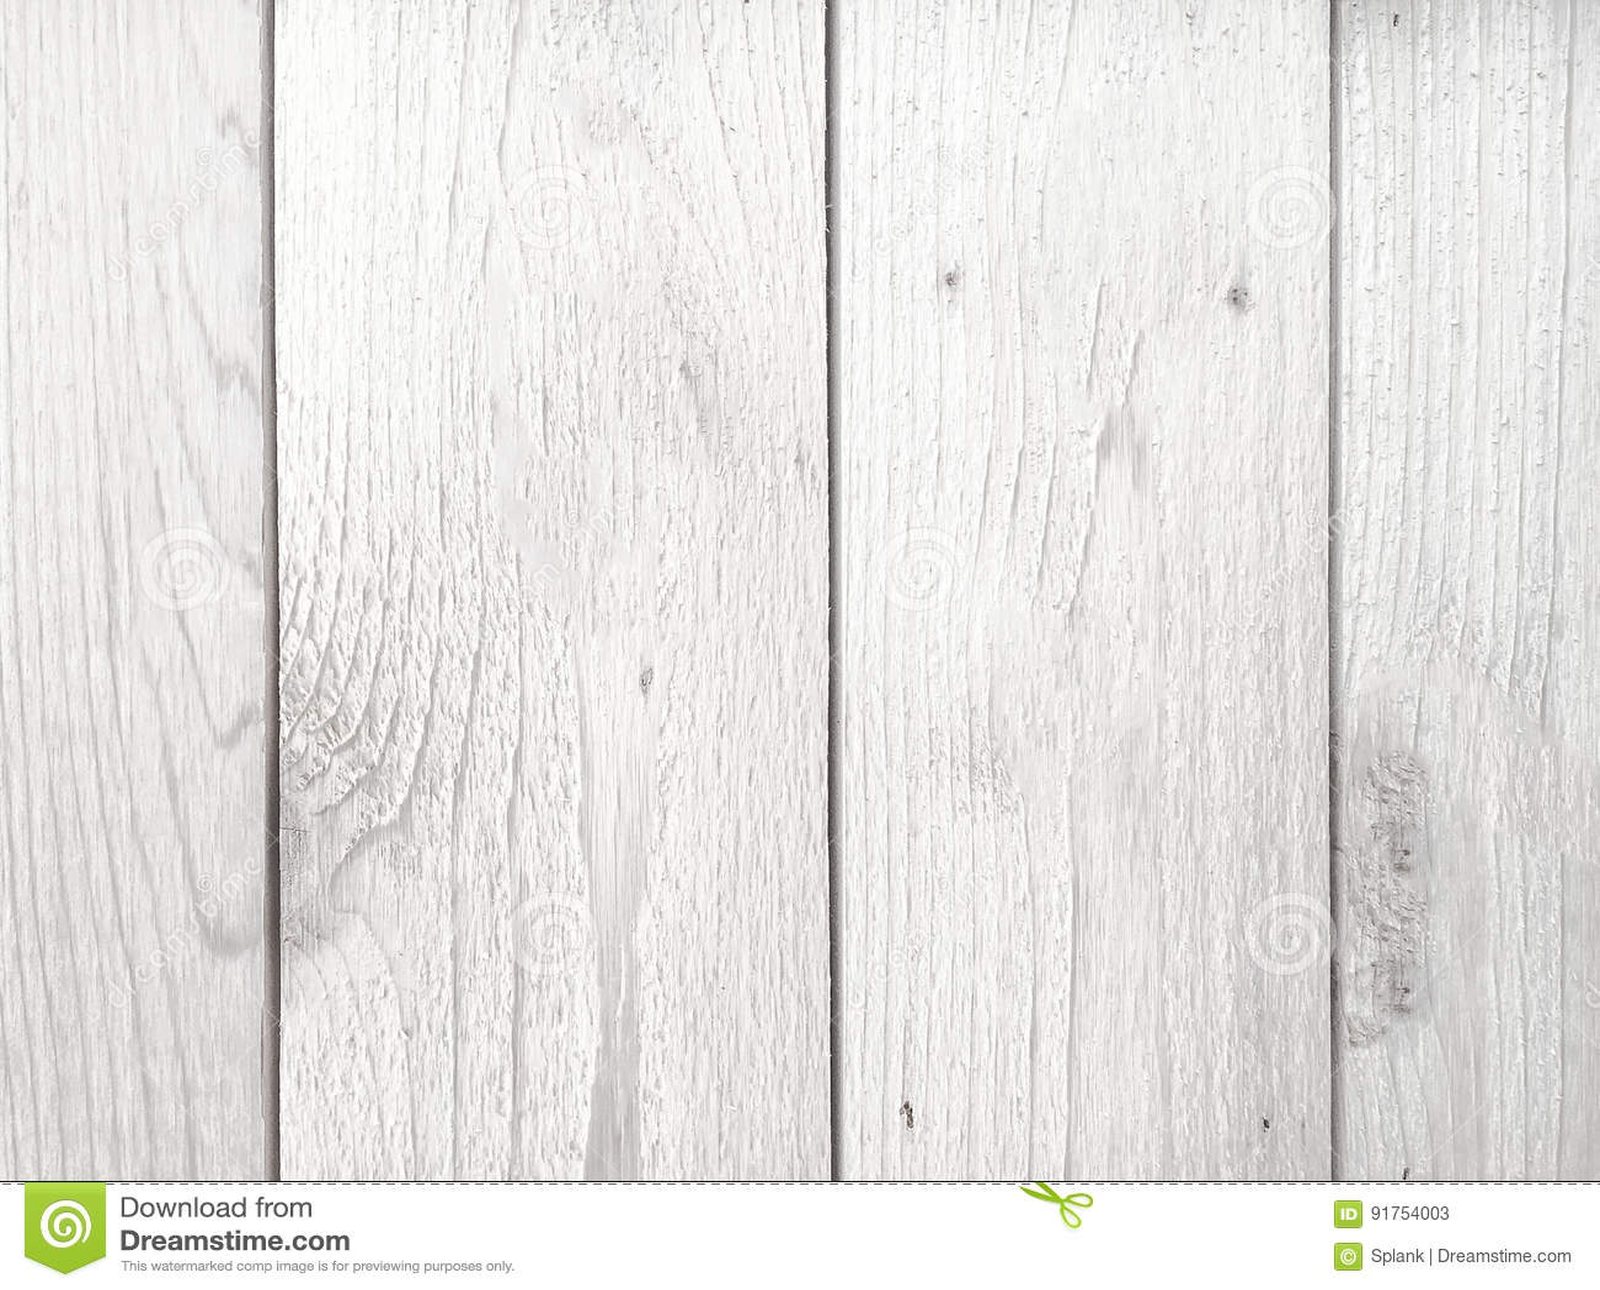 Whitewashed Wood Texture Stock Image Image Of Floor